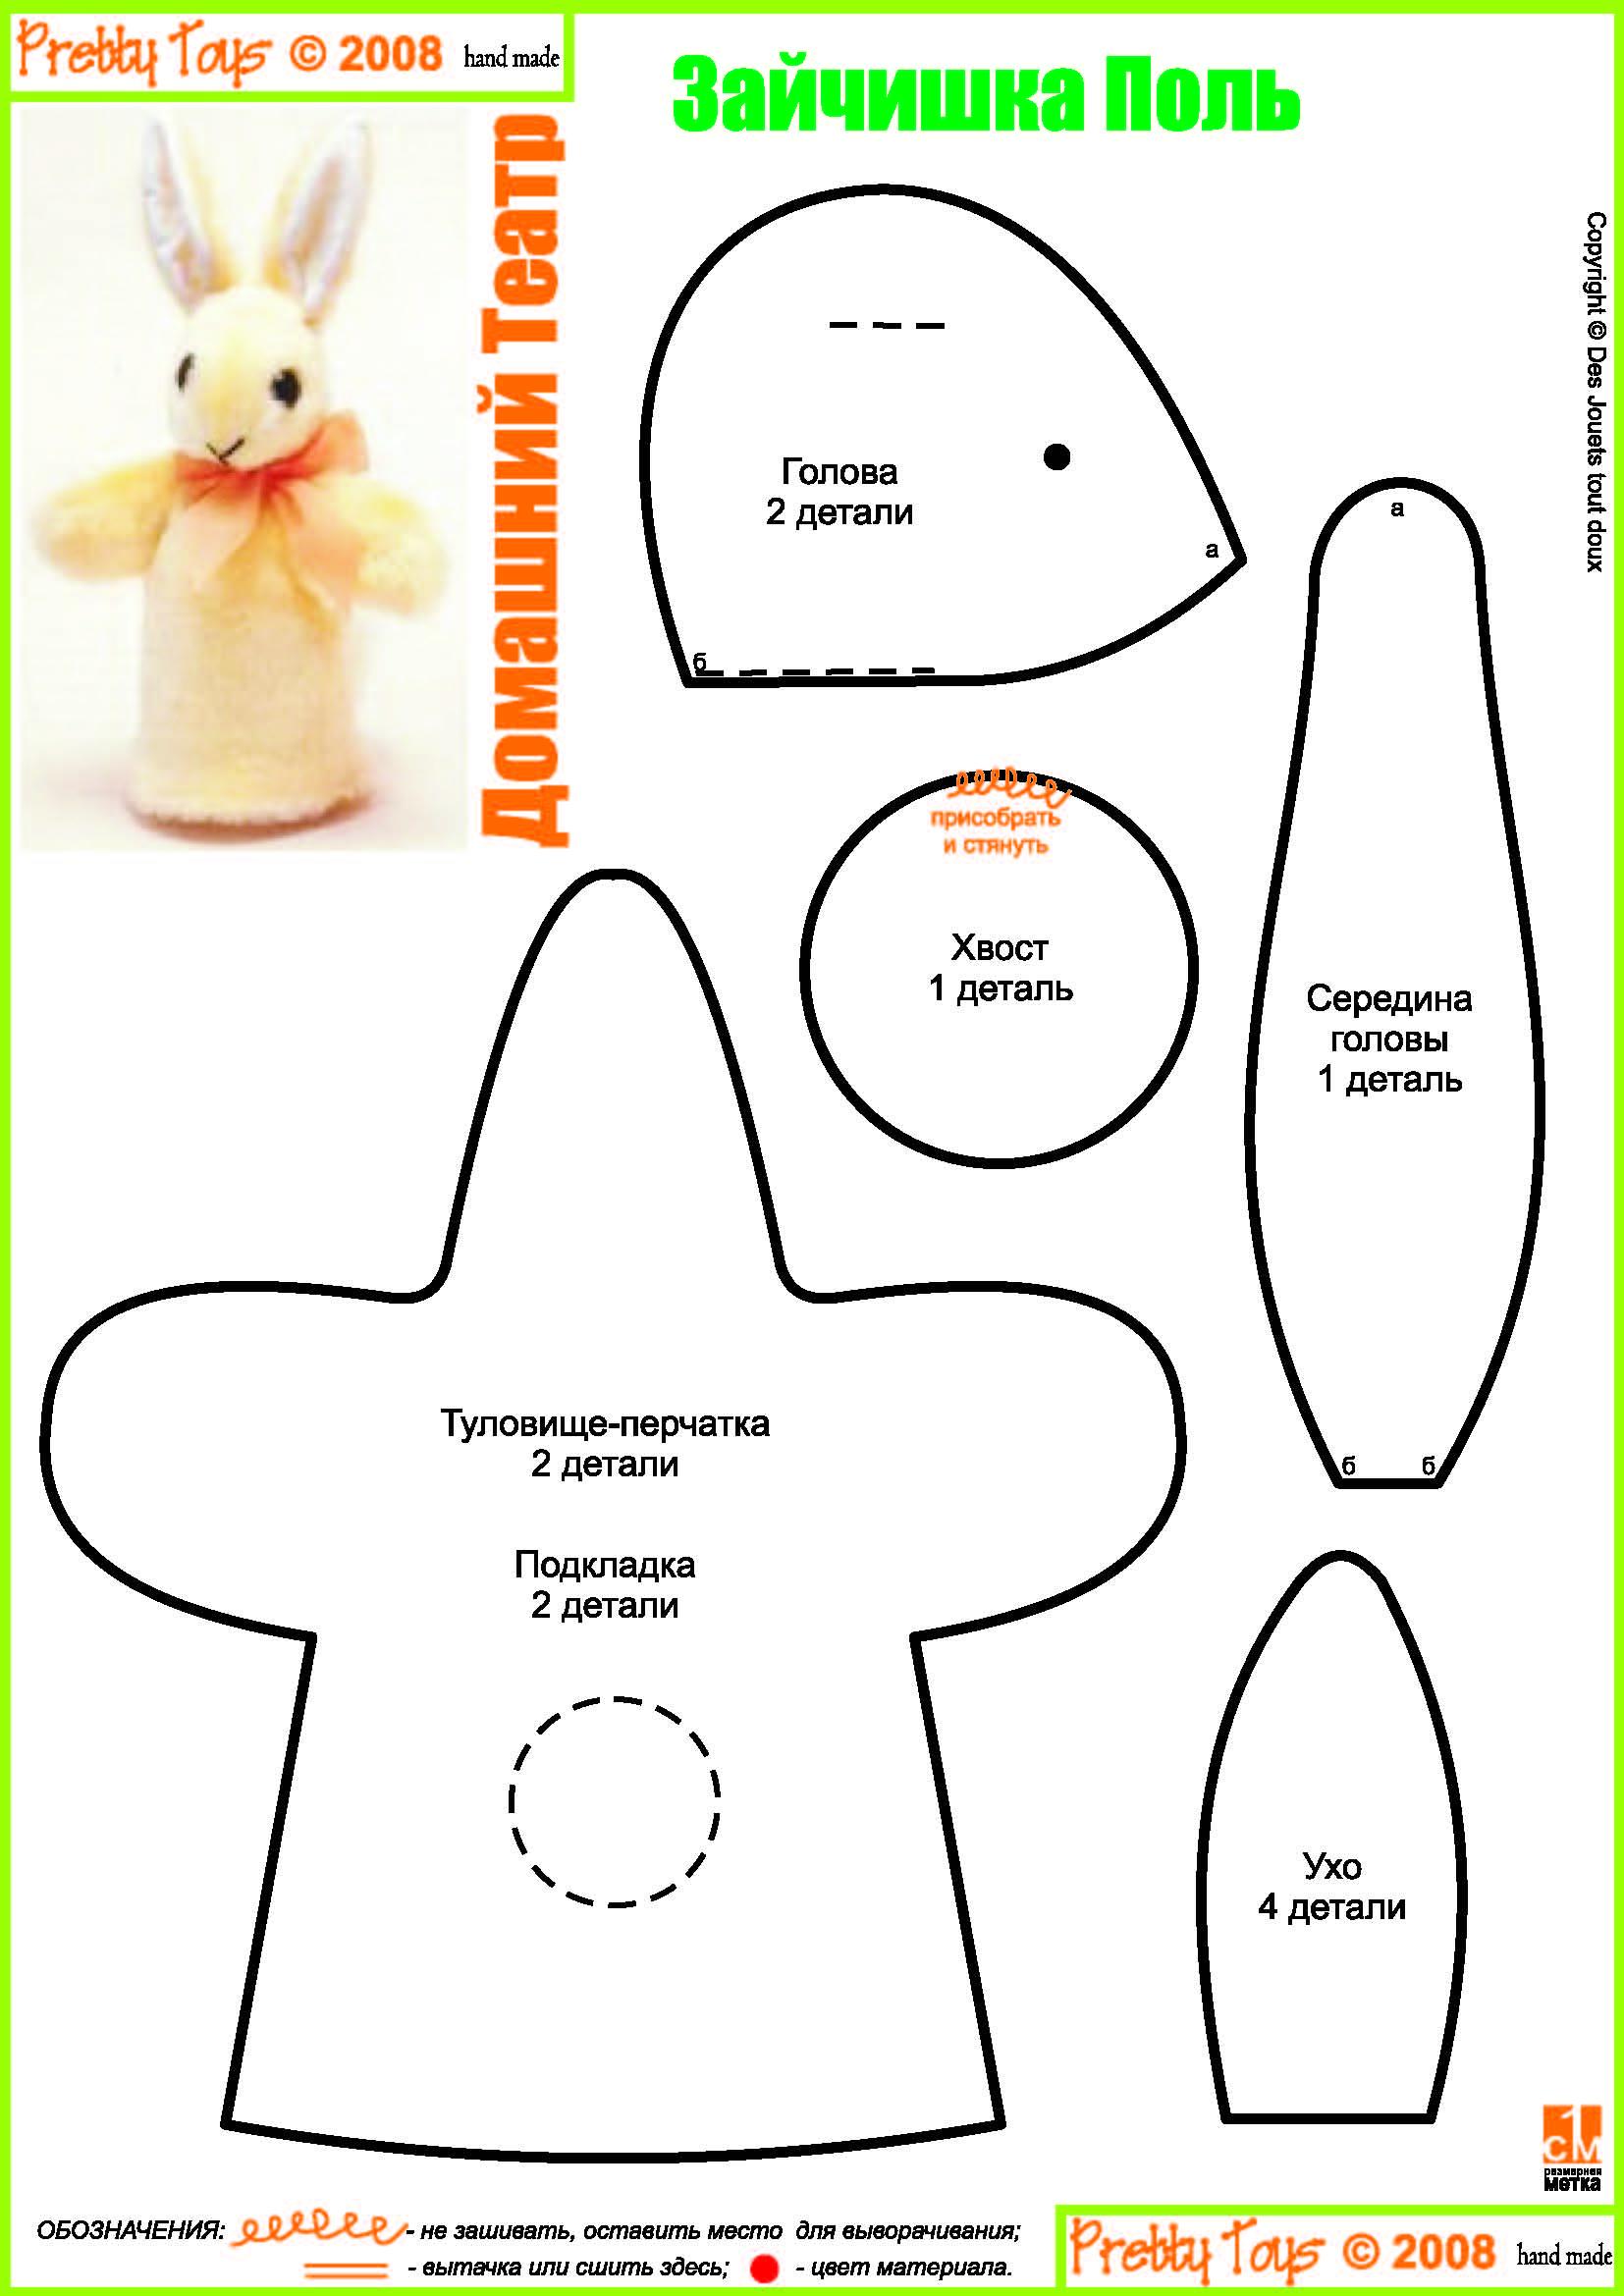 Выкройки для игрушек для кукольного театра своими руками